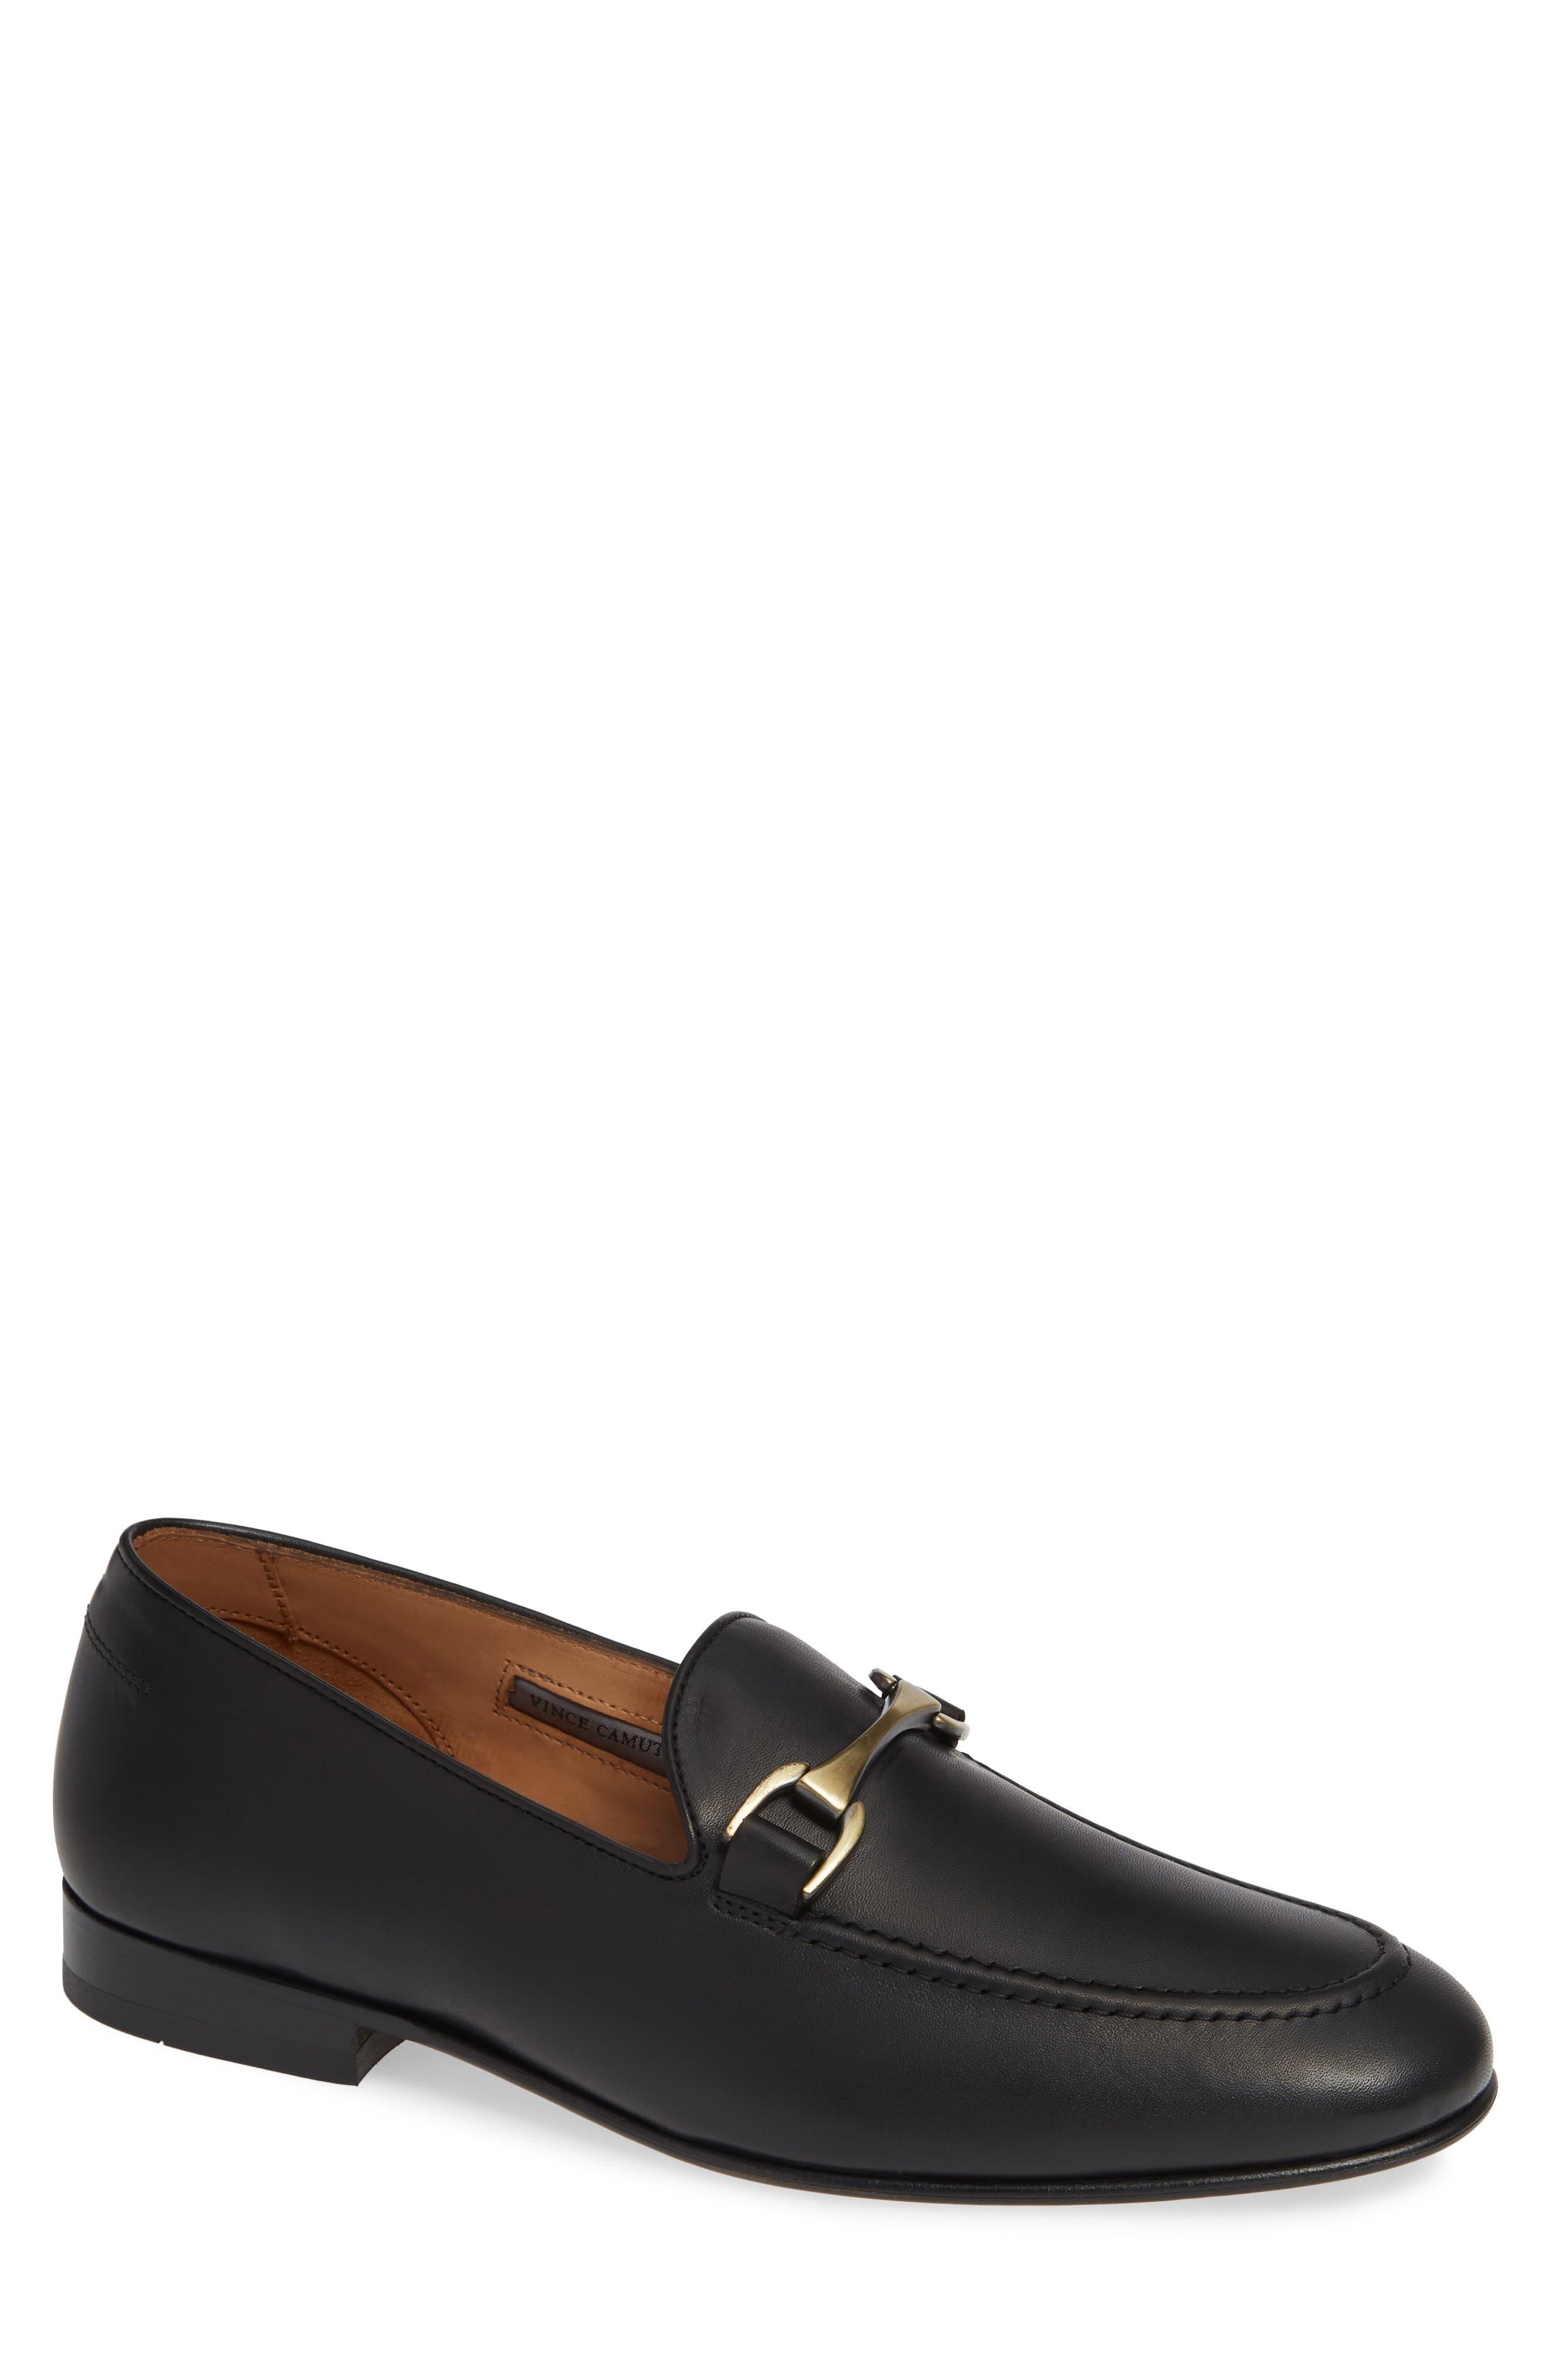 VINCE CAMUTO 'Borcelo' Bit Loafer, Main, color, BLACK/BLACK LEATHER